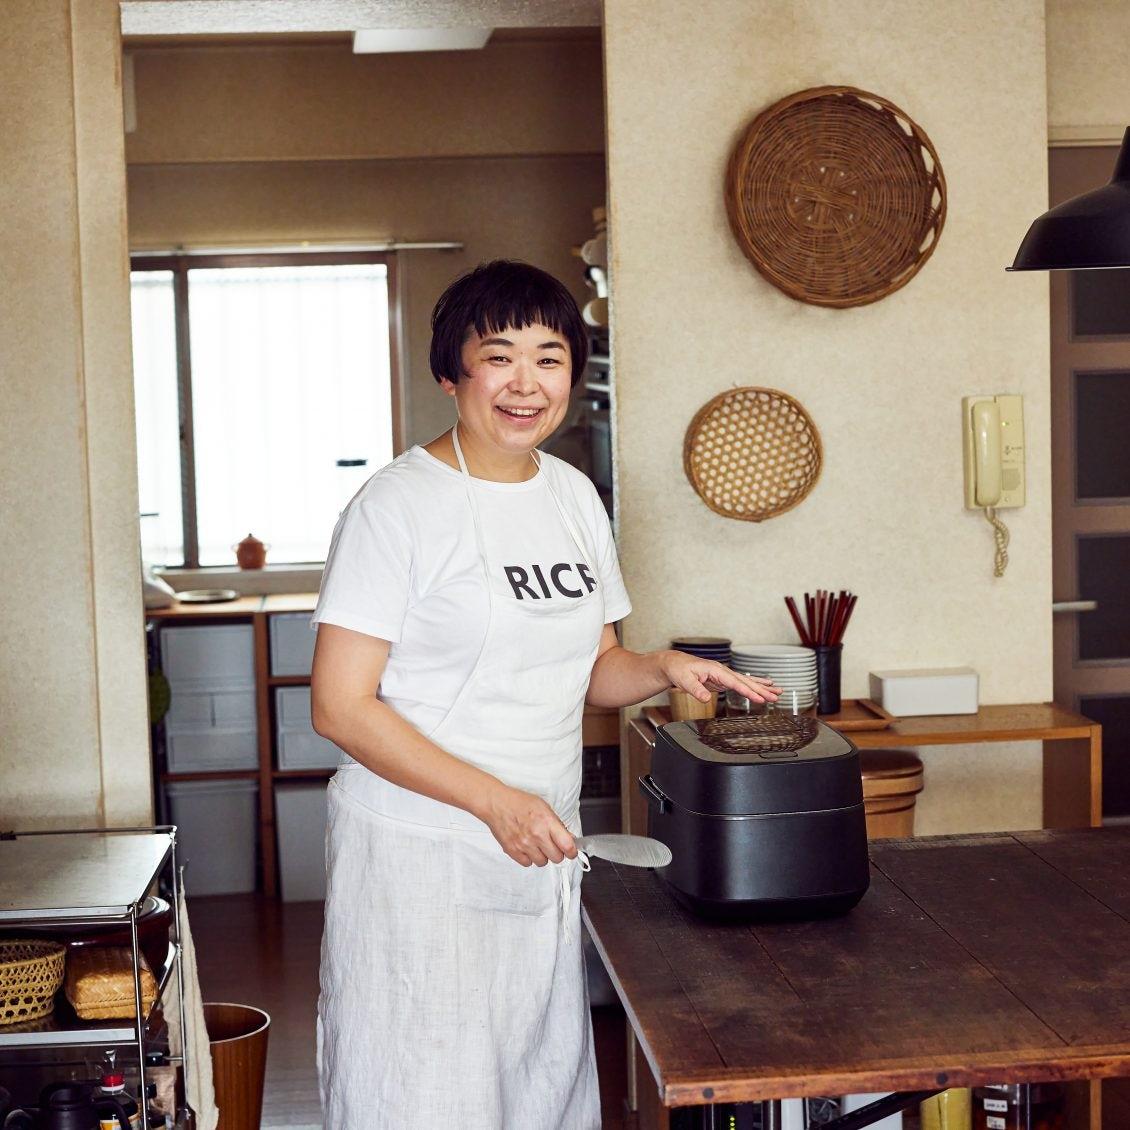 【炊き込みごはんを味方につける】第1話:下ごしらえ15分! あとは炊飯器におまかせの「五目ごはん」